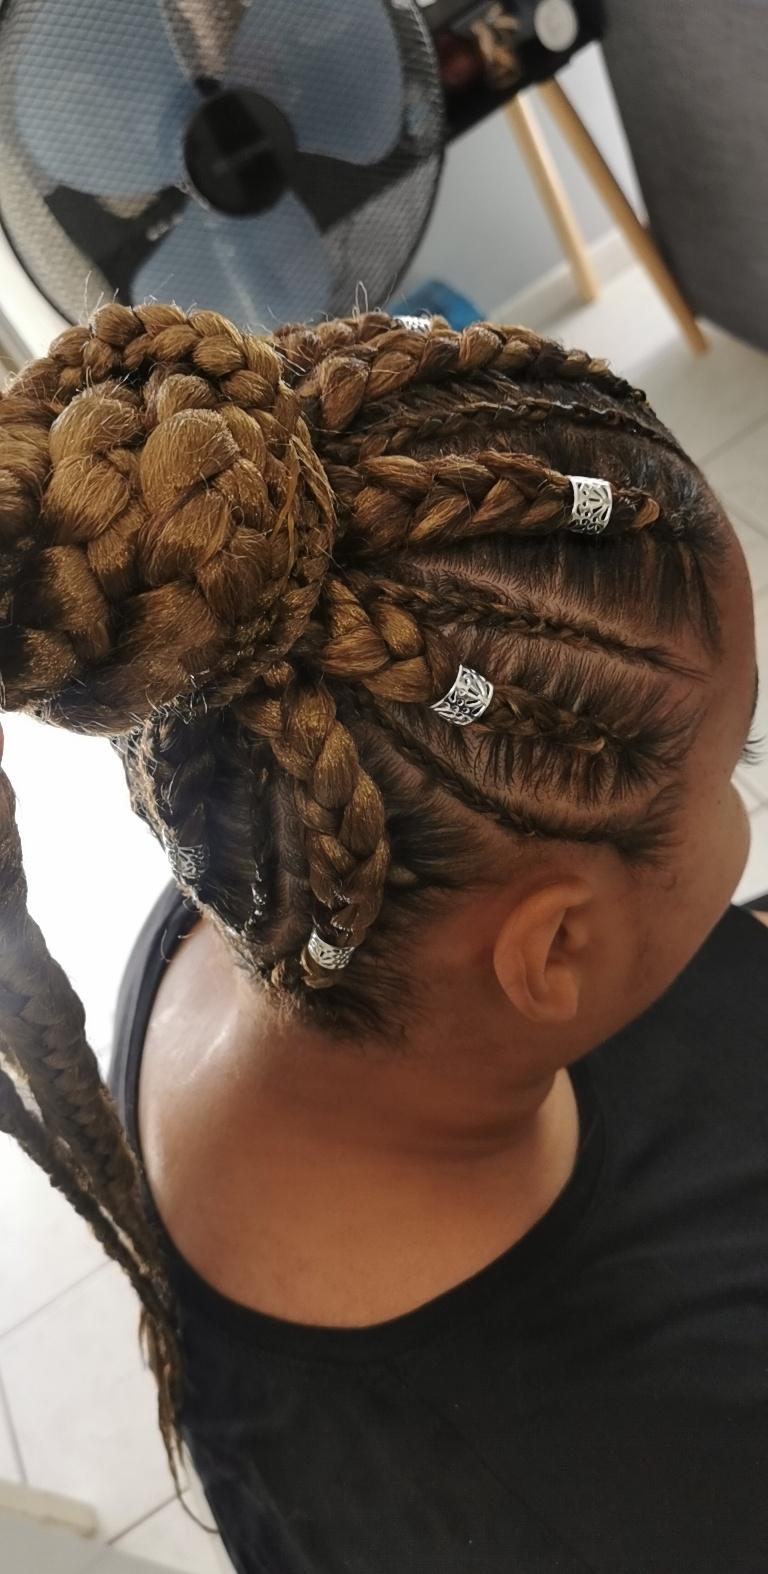 salon de coiffure afro tresse tresses box braids crochet braids vanilles tissages paris 75 77 78 91 92 93 94 95 MJCFYRTB